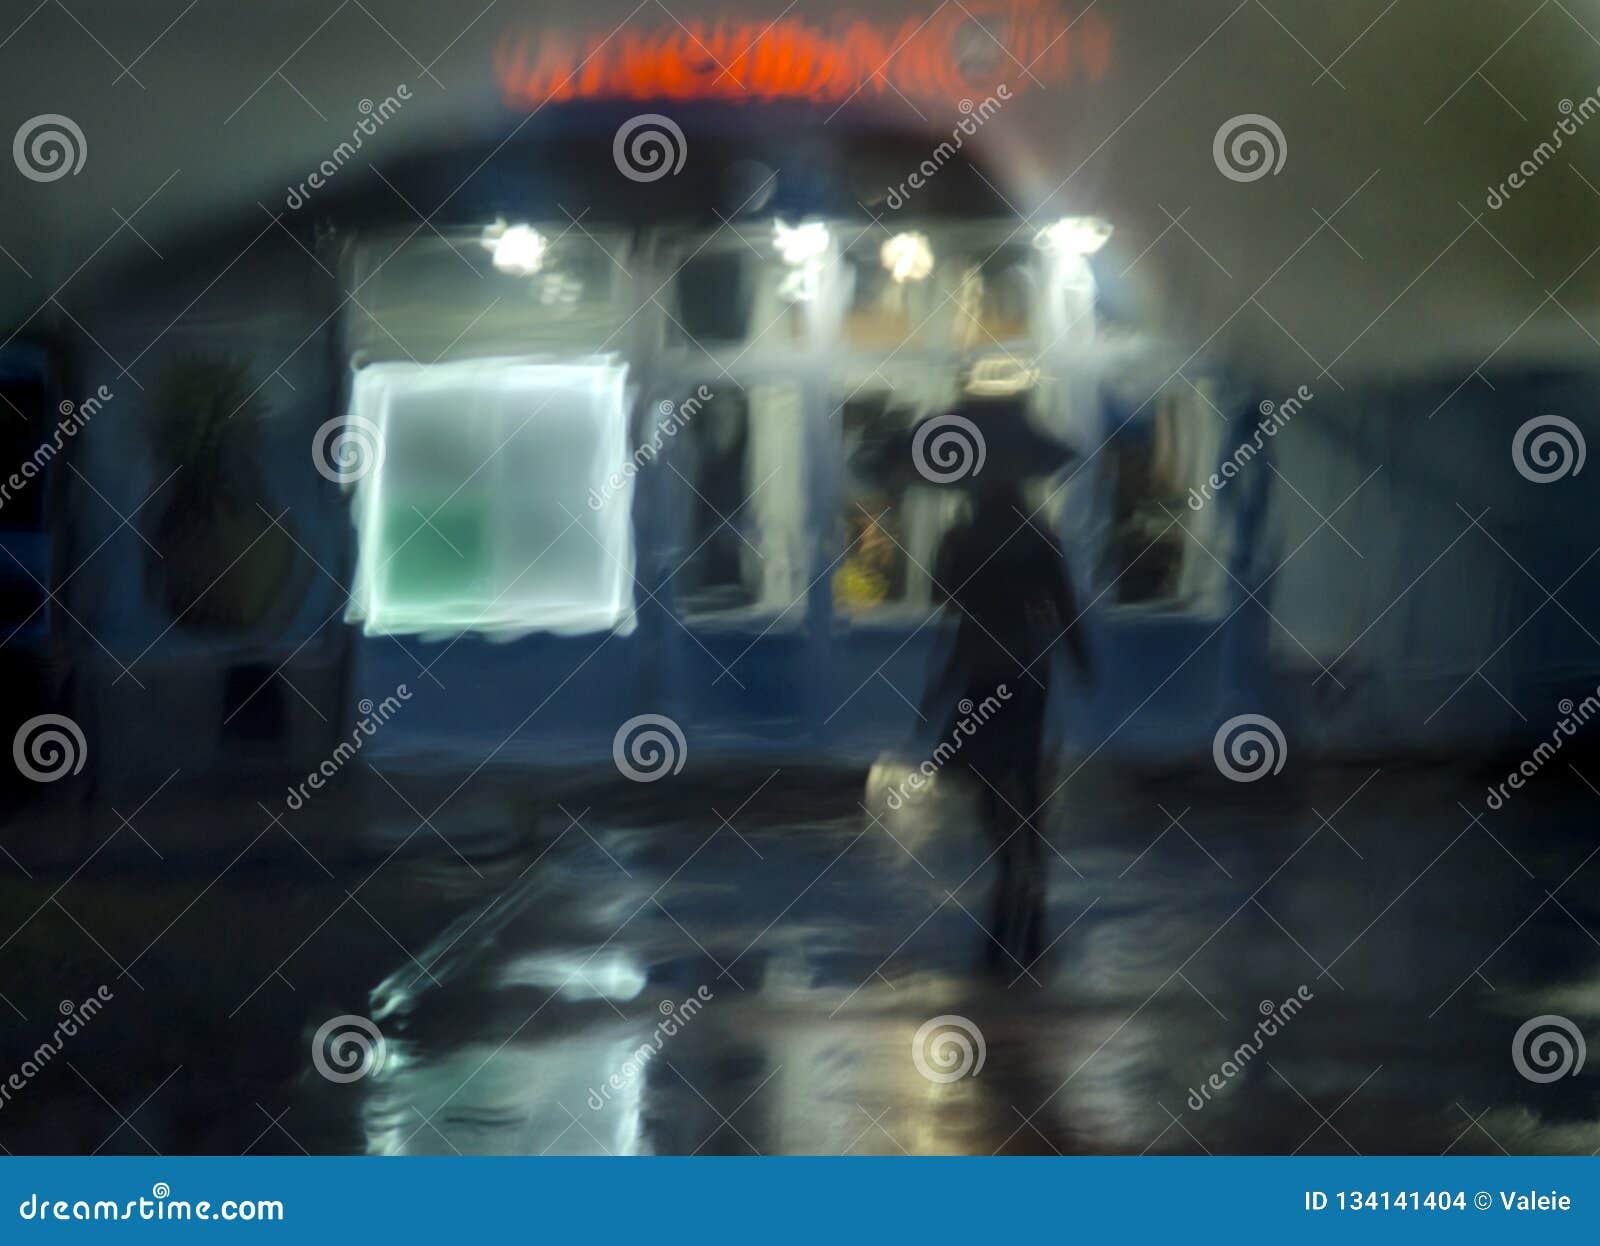 Abstracte achtergrond, nachtstraat, regen, silhouet